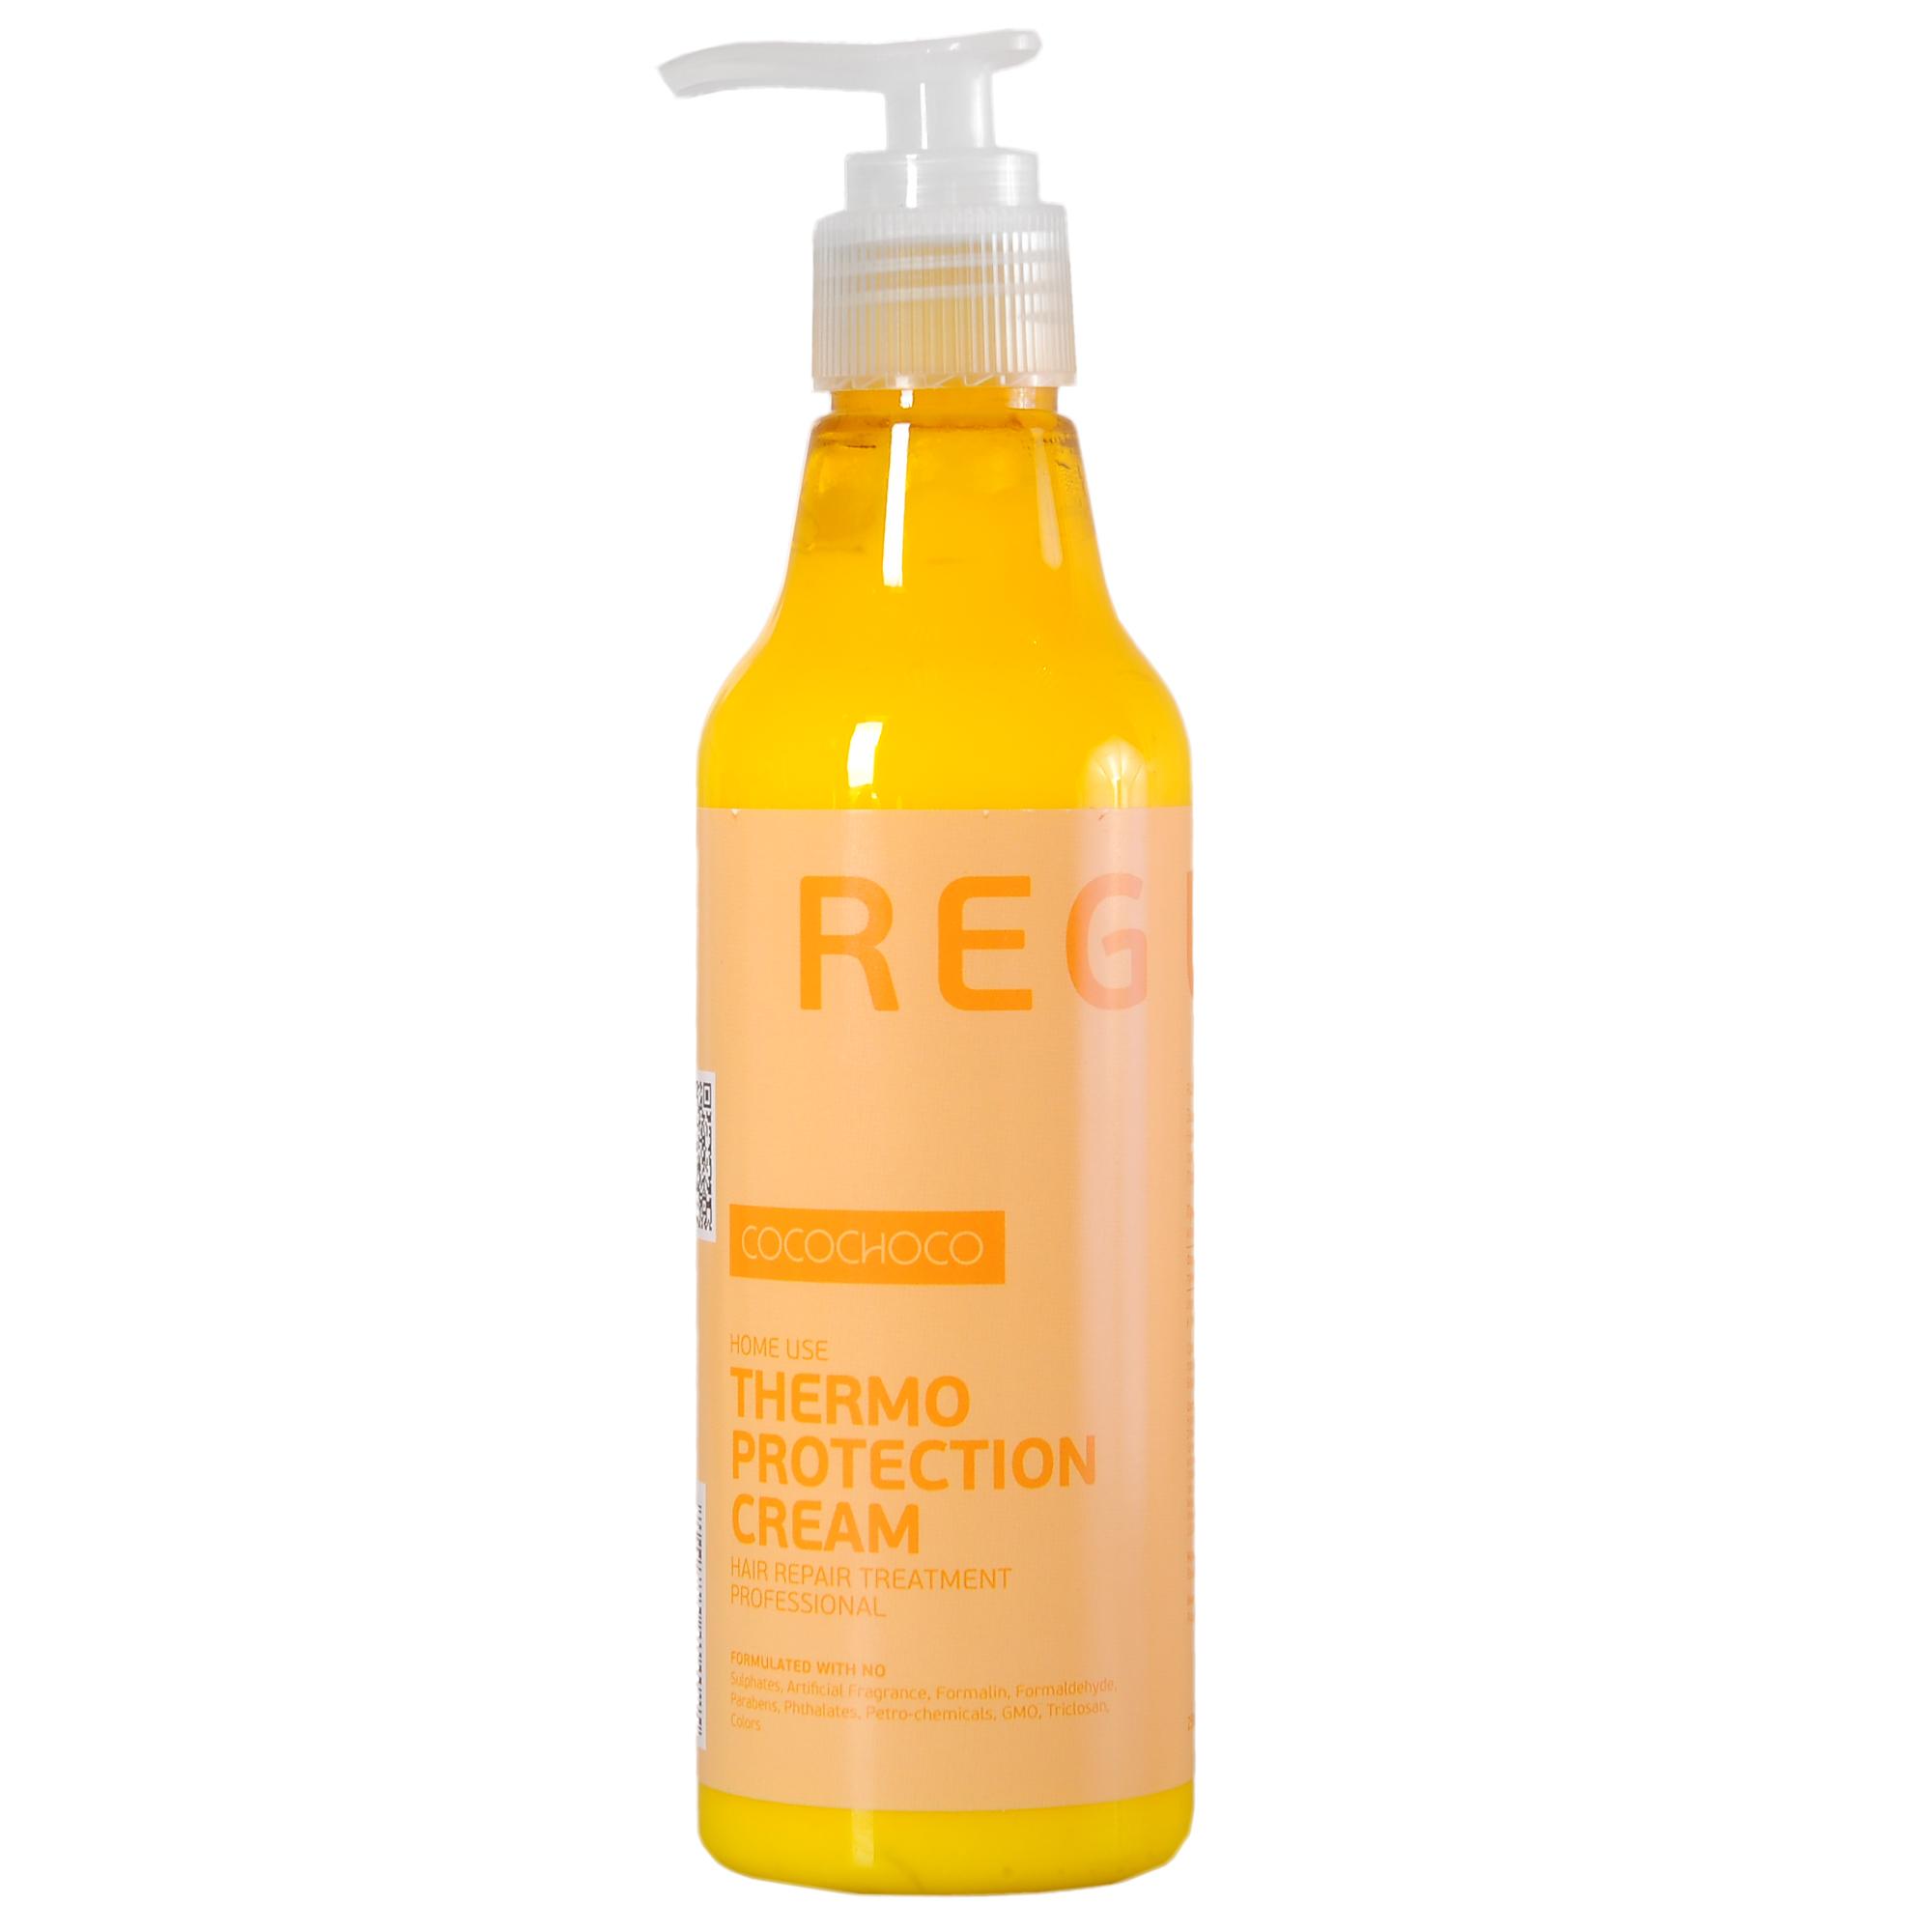 COCOCHOCO Термозащита / REGULAR 250 млКремы<br>Термозащитный крем для волос Regular Thermo Protection Cream обеспечивает эффективную защиту волос от негативного воздействия термической обработки. Обогащает волосы питательными веществами, делает их гладкими и шелковистыми, облегчает процесс укладки. Поддерживает эффект после процедуры кератинового восстановления волос. Активные ингредиенты: смягчение (масла): аргана. Питание (экстракты): сверция японская, лопух, овес, алоэ. Восстановление (аминокислоты): гиалуроновая кислота, альгинаты, пантенол D-5, токоферил ацетат (витамин Е). Уплотнение (протеины): протеин пшеницы, натуральный кератин, протеин сои, молочный казеин. Текстура: глицерид мускатного ореха, силанетриол, феноксиэтанол, бензиловый спирт, гидролизованный крахмал, триглицерид каприловой кислоты Способ применения: перед использованием горячих средств укладки нанести на сухие либо влажные волосы. После этого приступить к применению горячих щипцов, фена и других приборов.<br><br>Объем: 250 мл